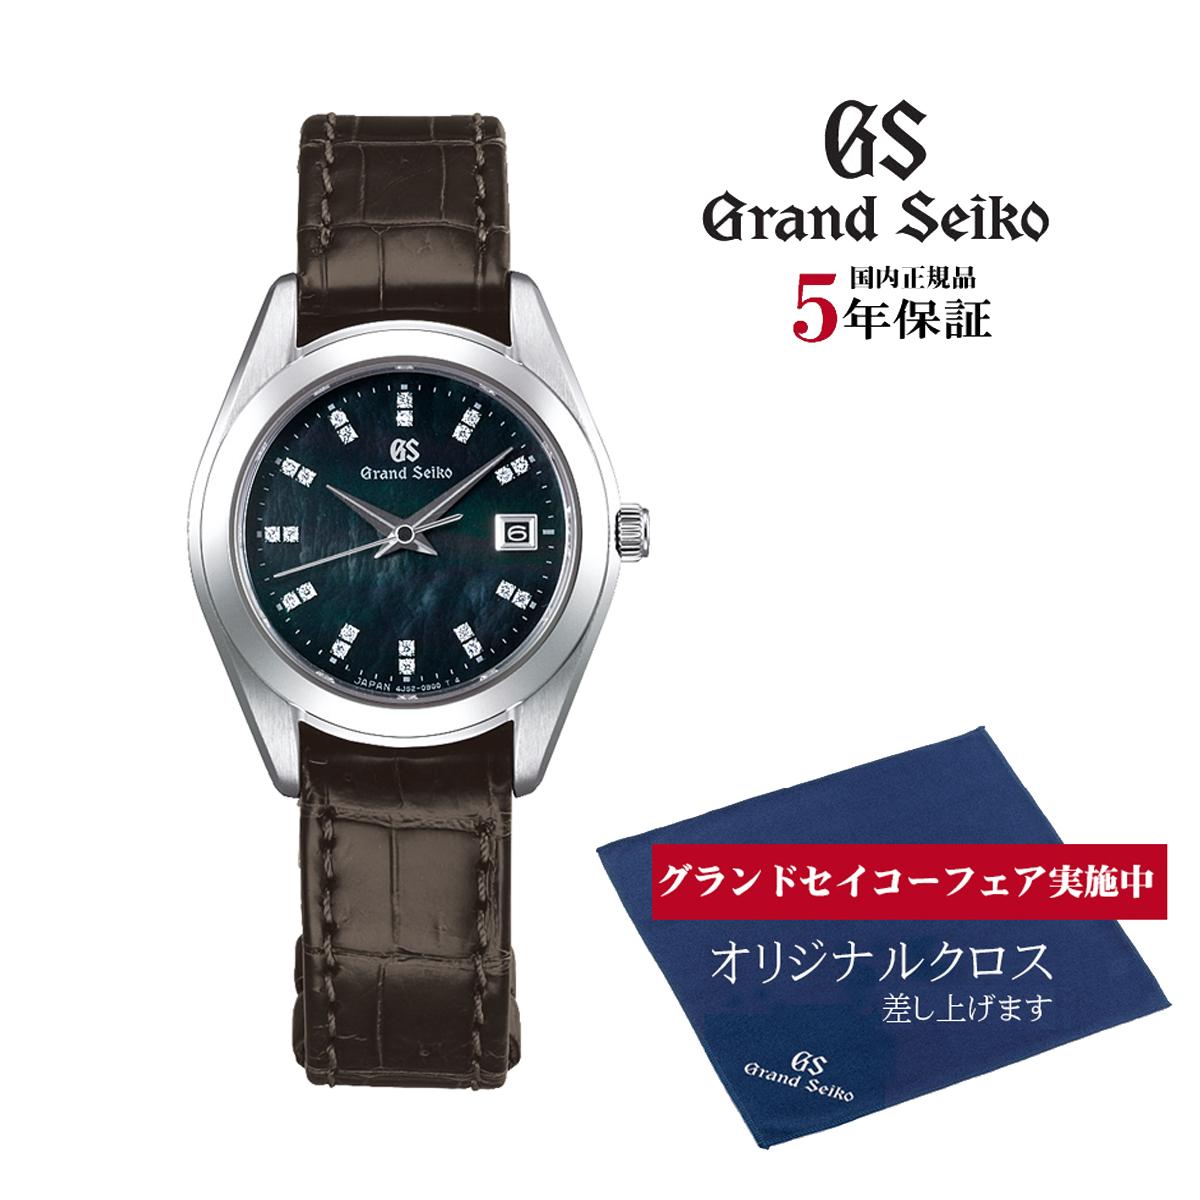 グランドセイコー Grand Seiko 正規メーカー保証3年 STGF297 4Jクォーツ 正規品 腕時計